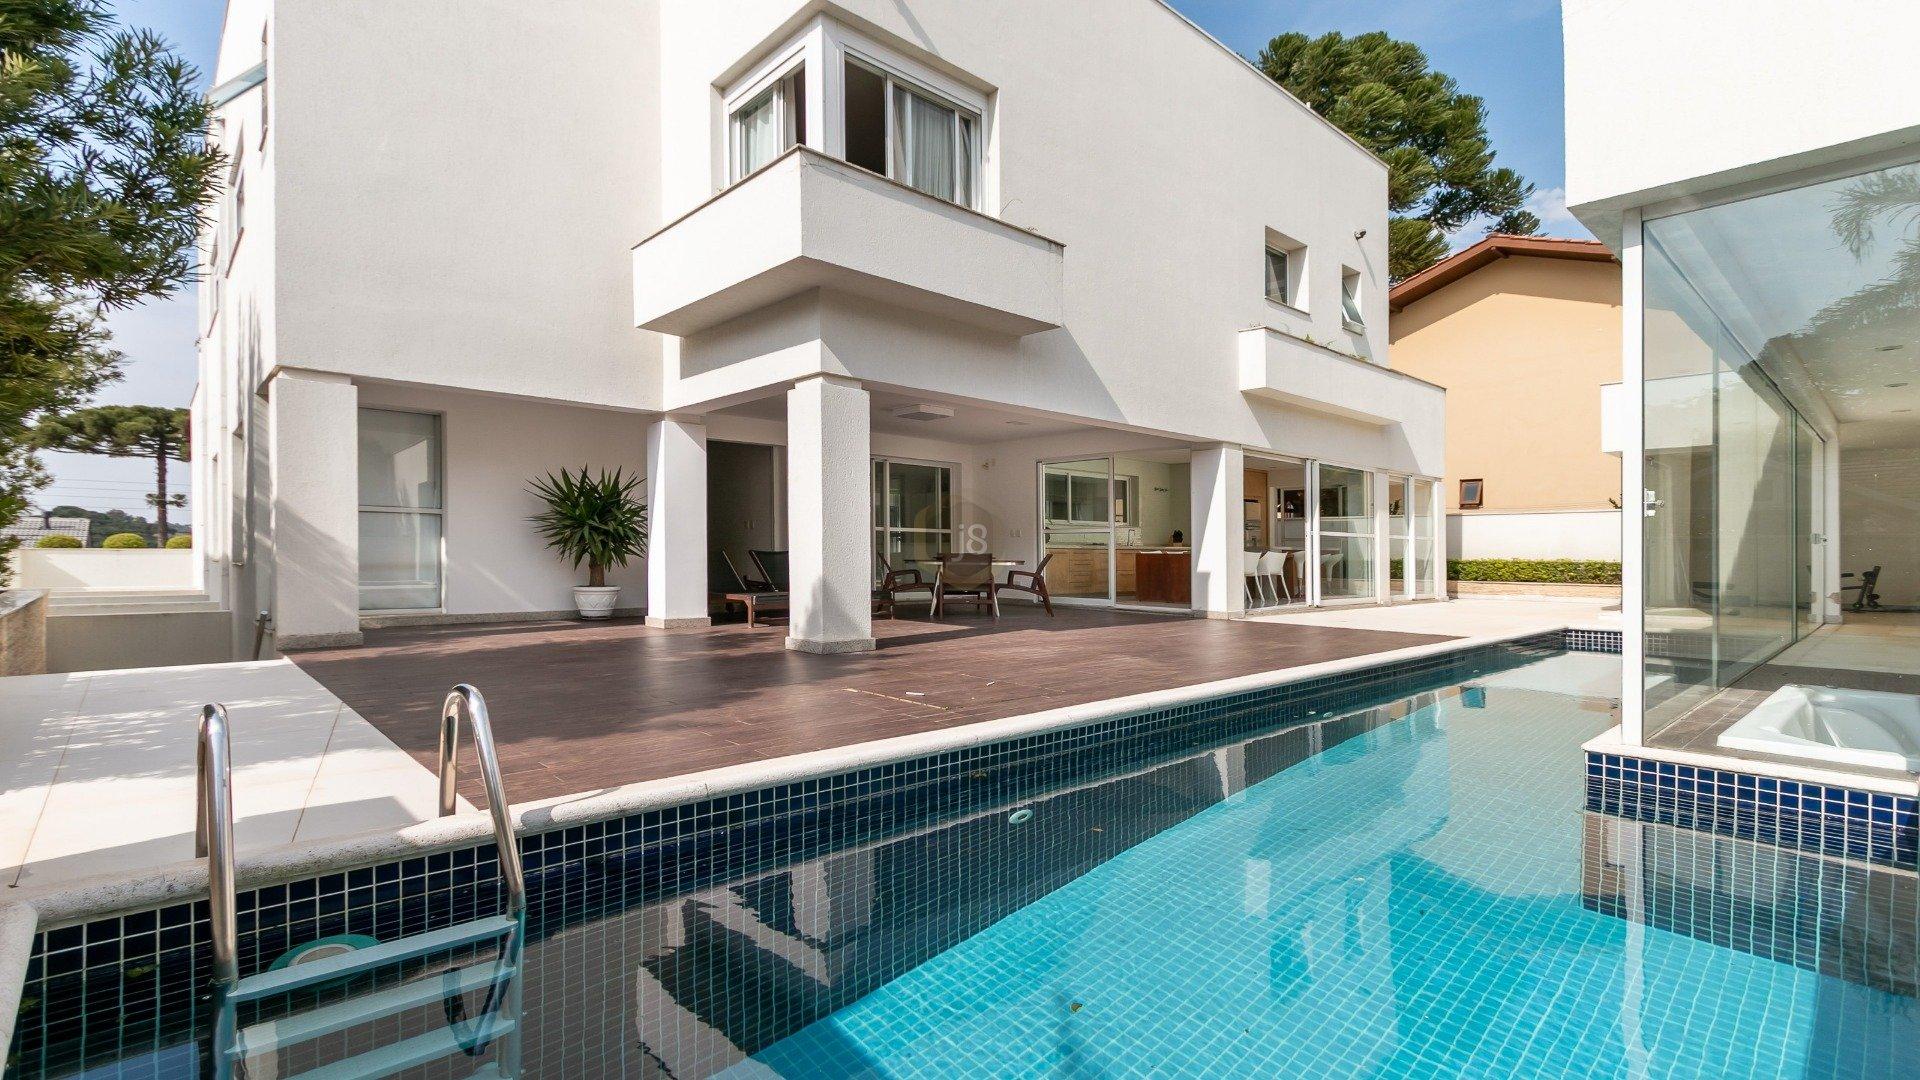 Foto de destaque Montmatre residencial